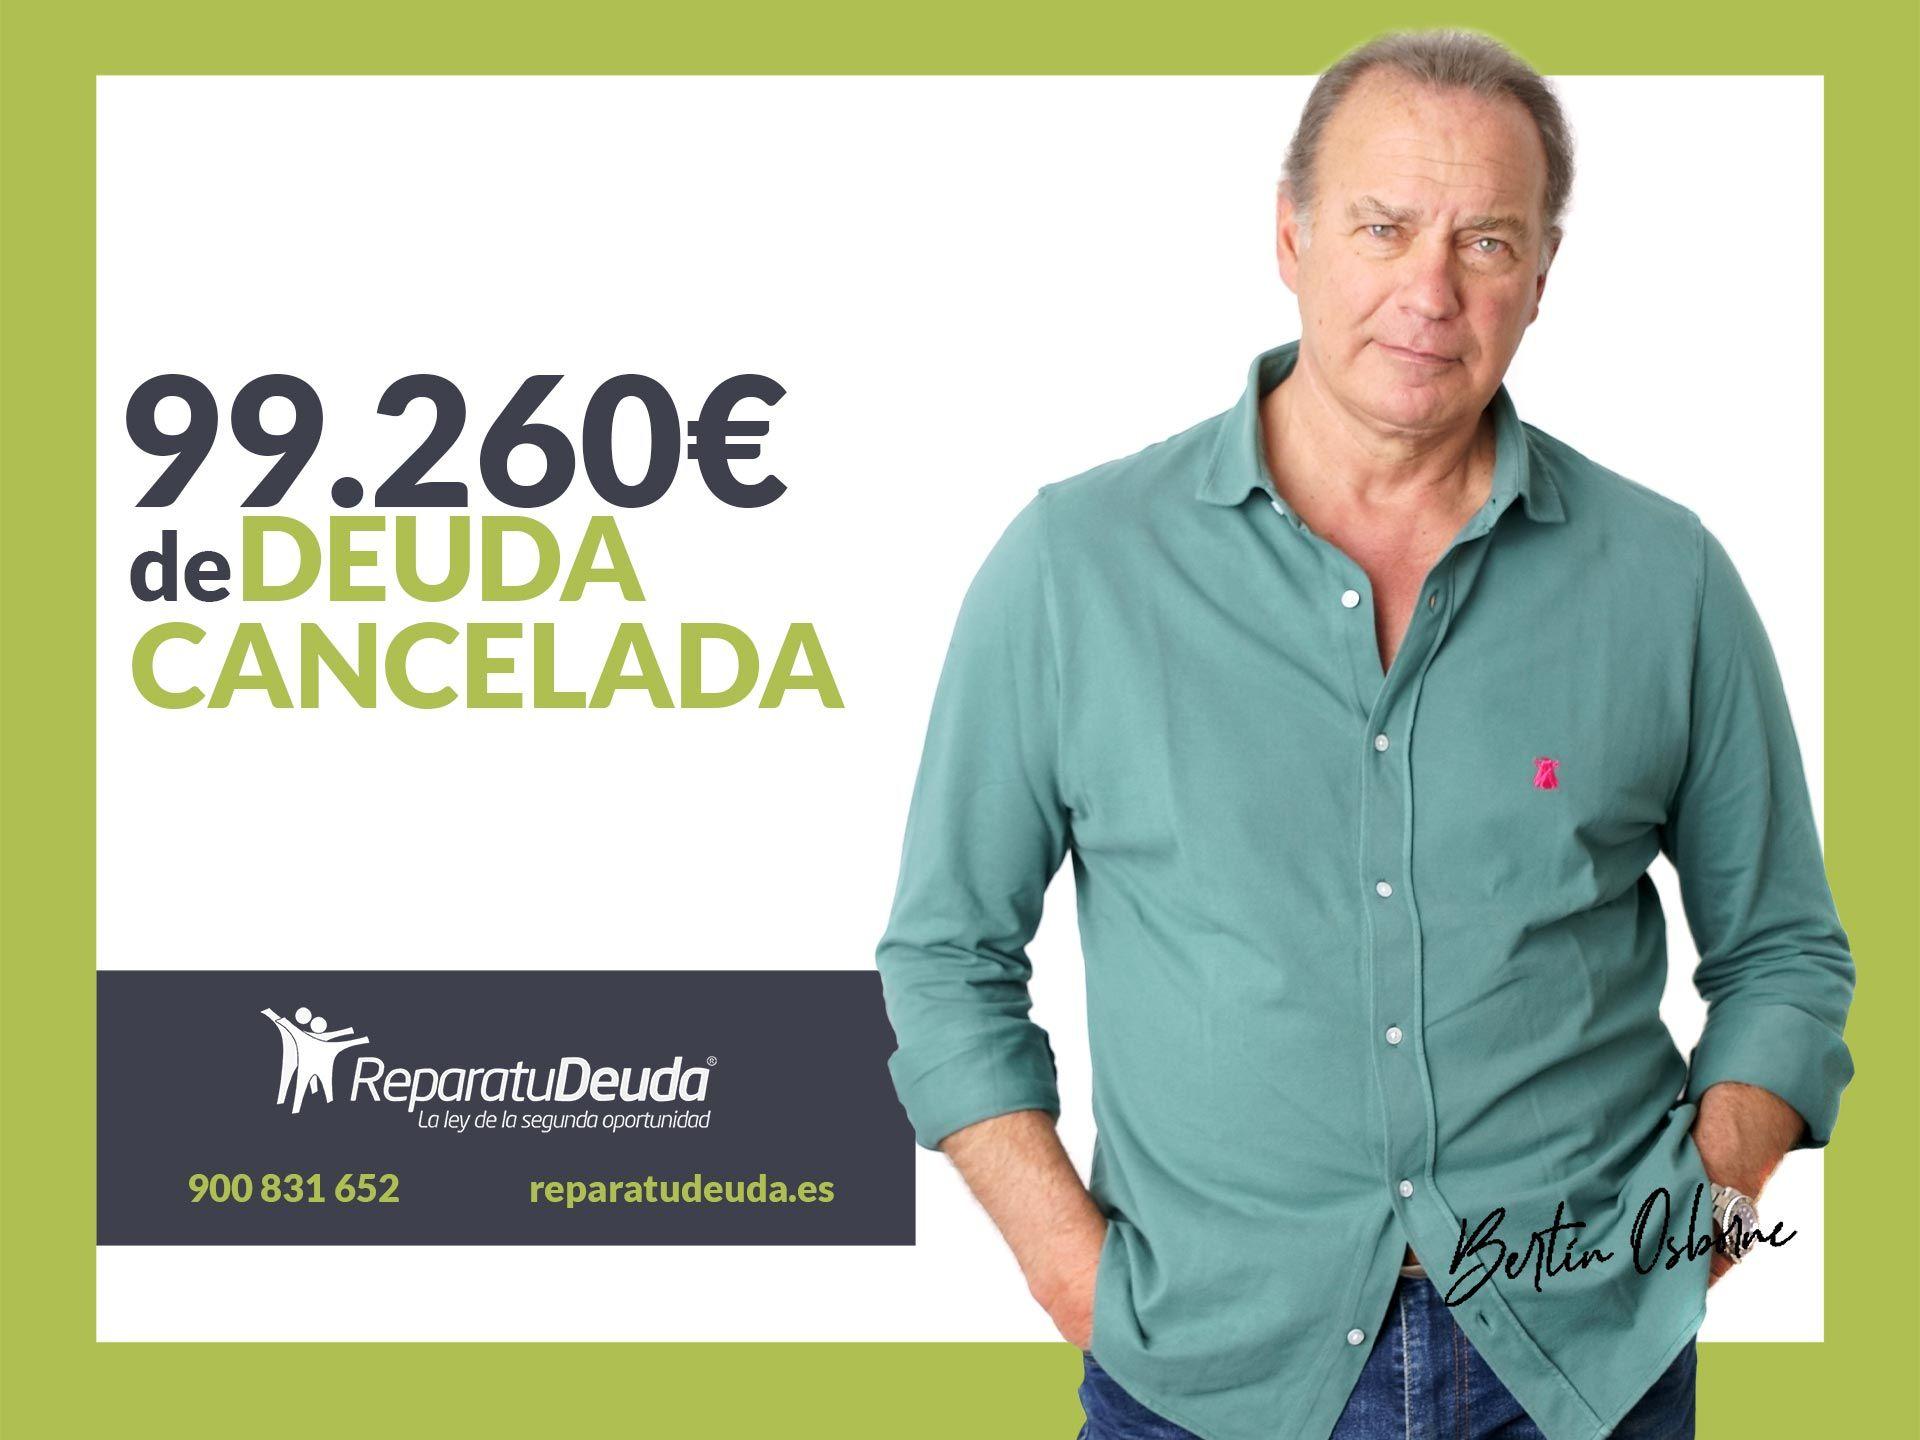 Repara tu Deuda Abogados cancela 99.260 ? en Madrid con la Ley de la Segunda Oportunidad